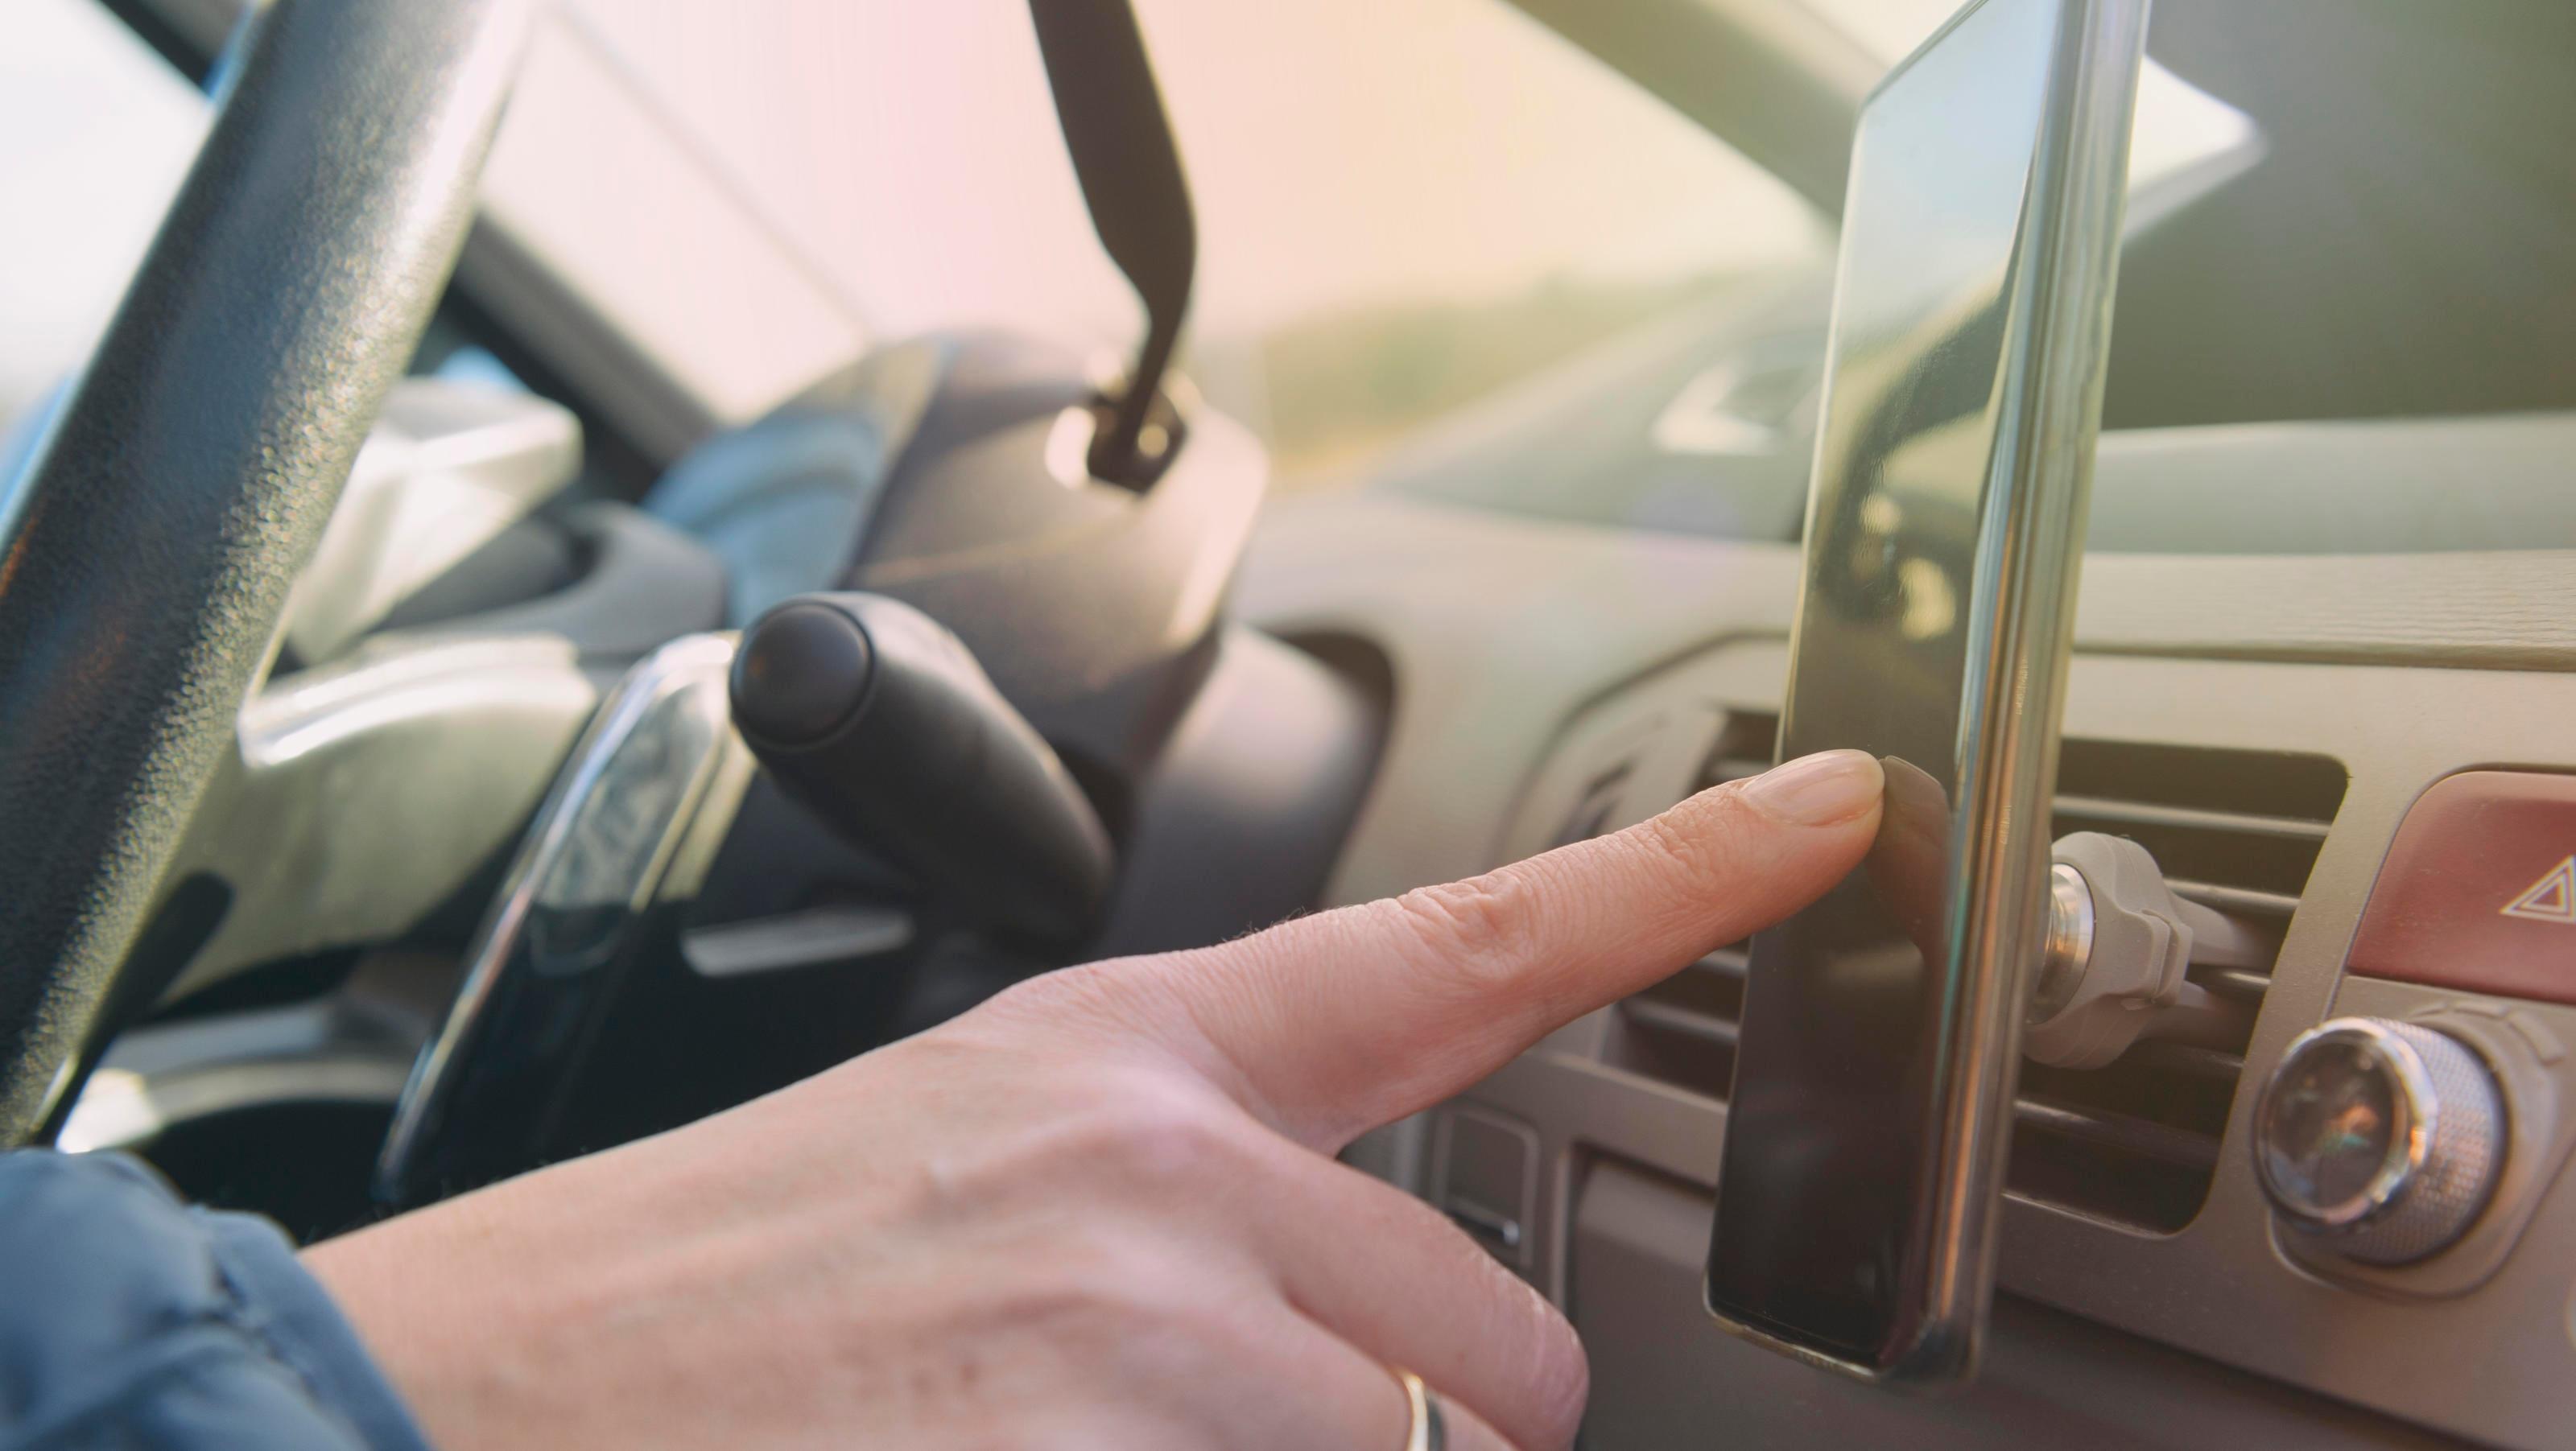 Videotelefonie im Auto: Erlaubt oder nicht?